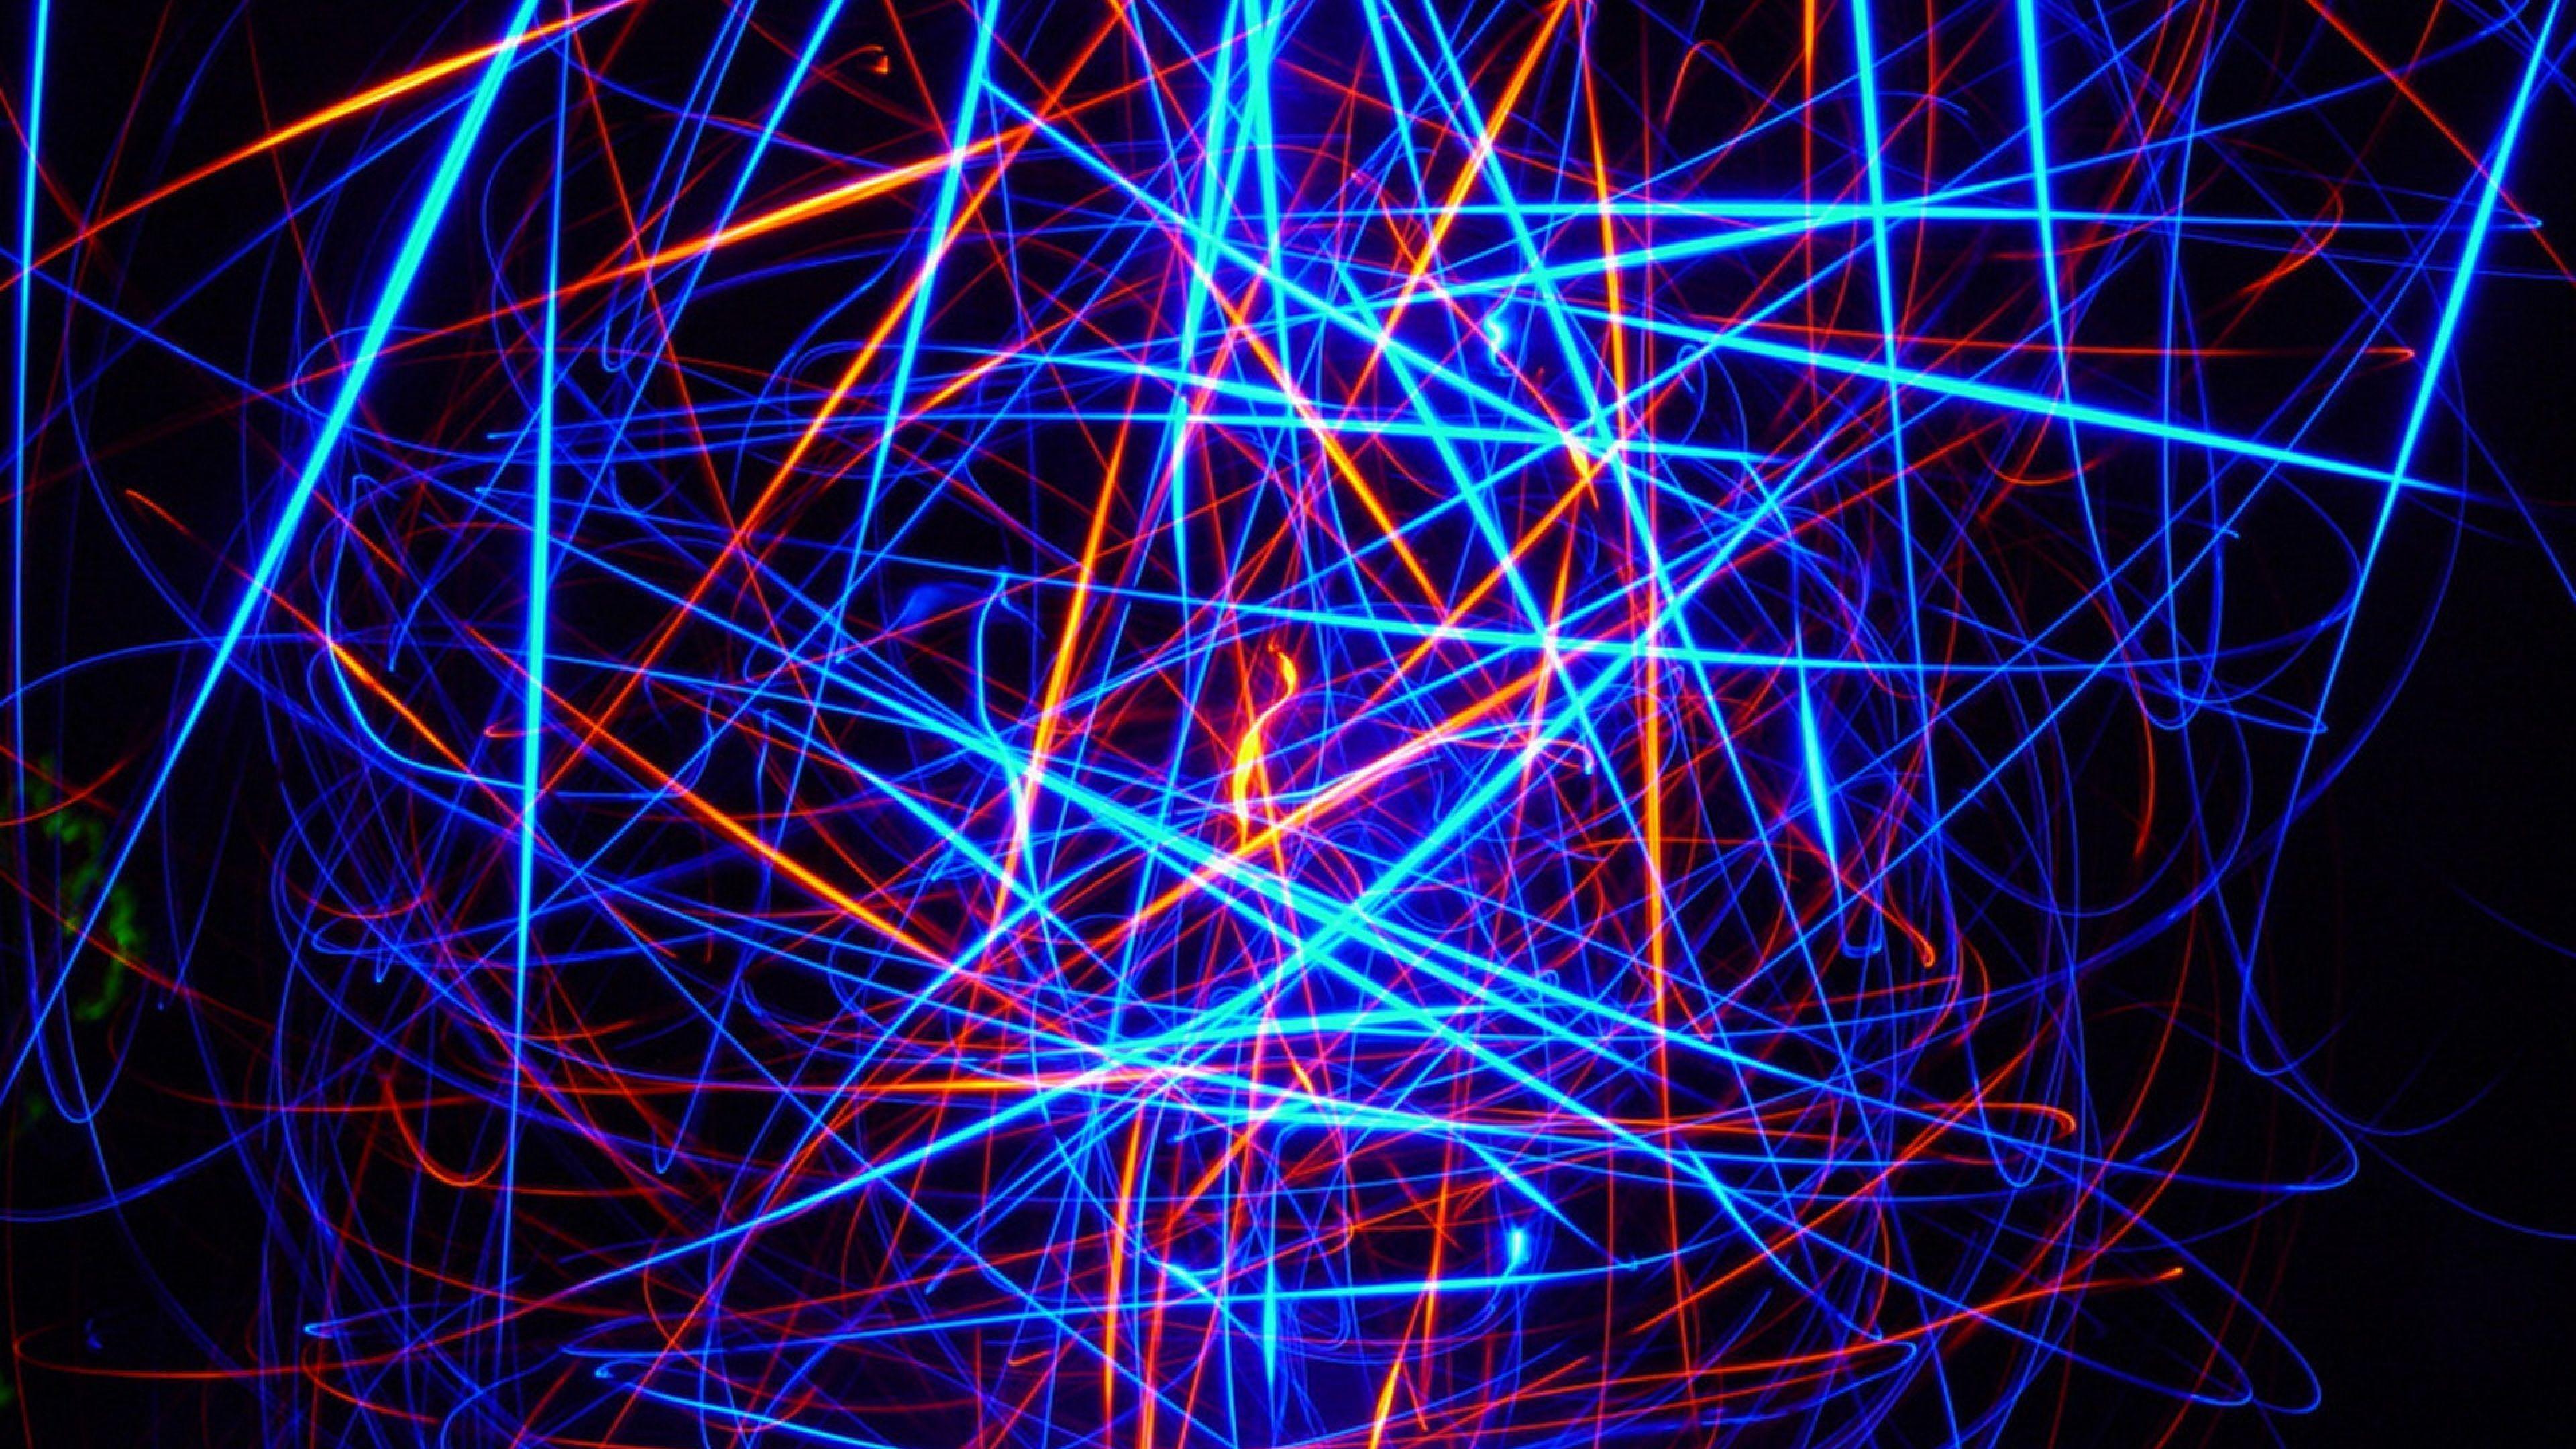 4K Neon Wallpapers - Top Free 4K Neon ...